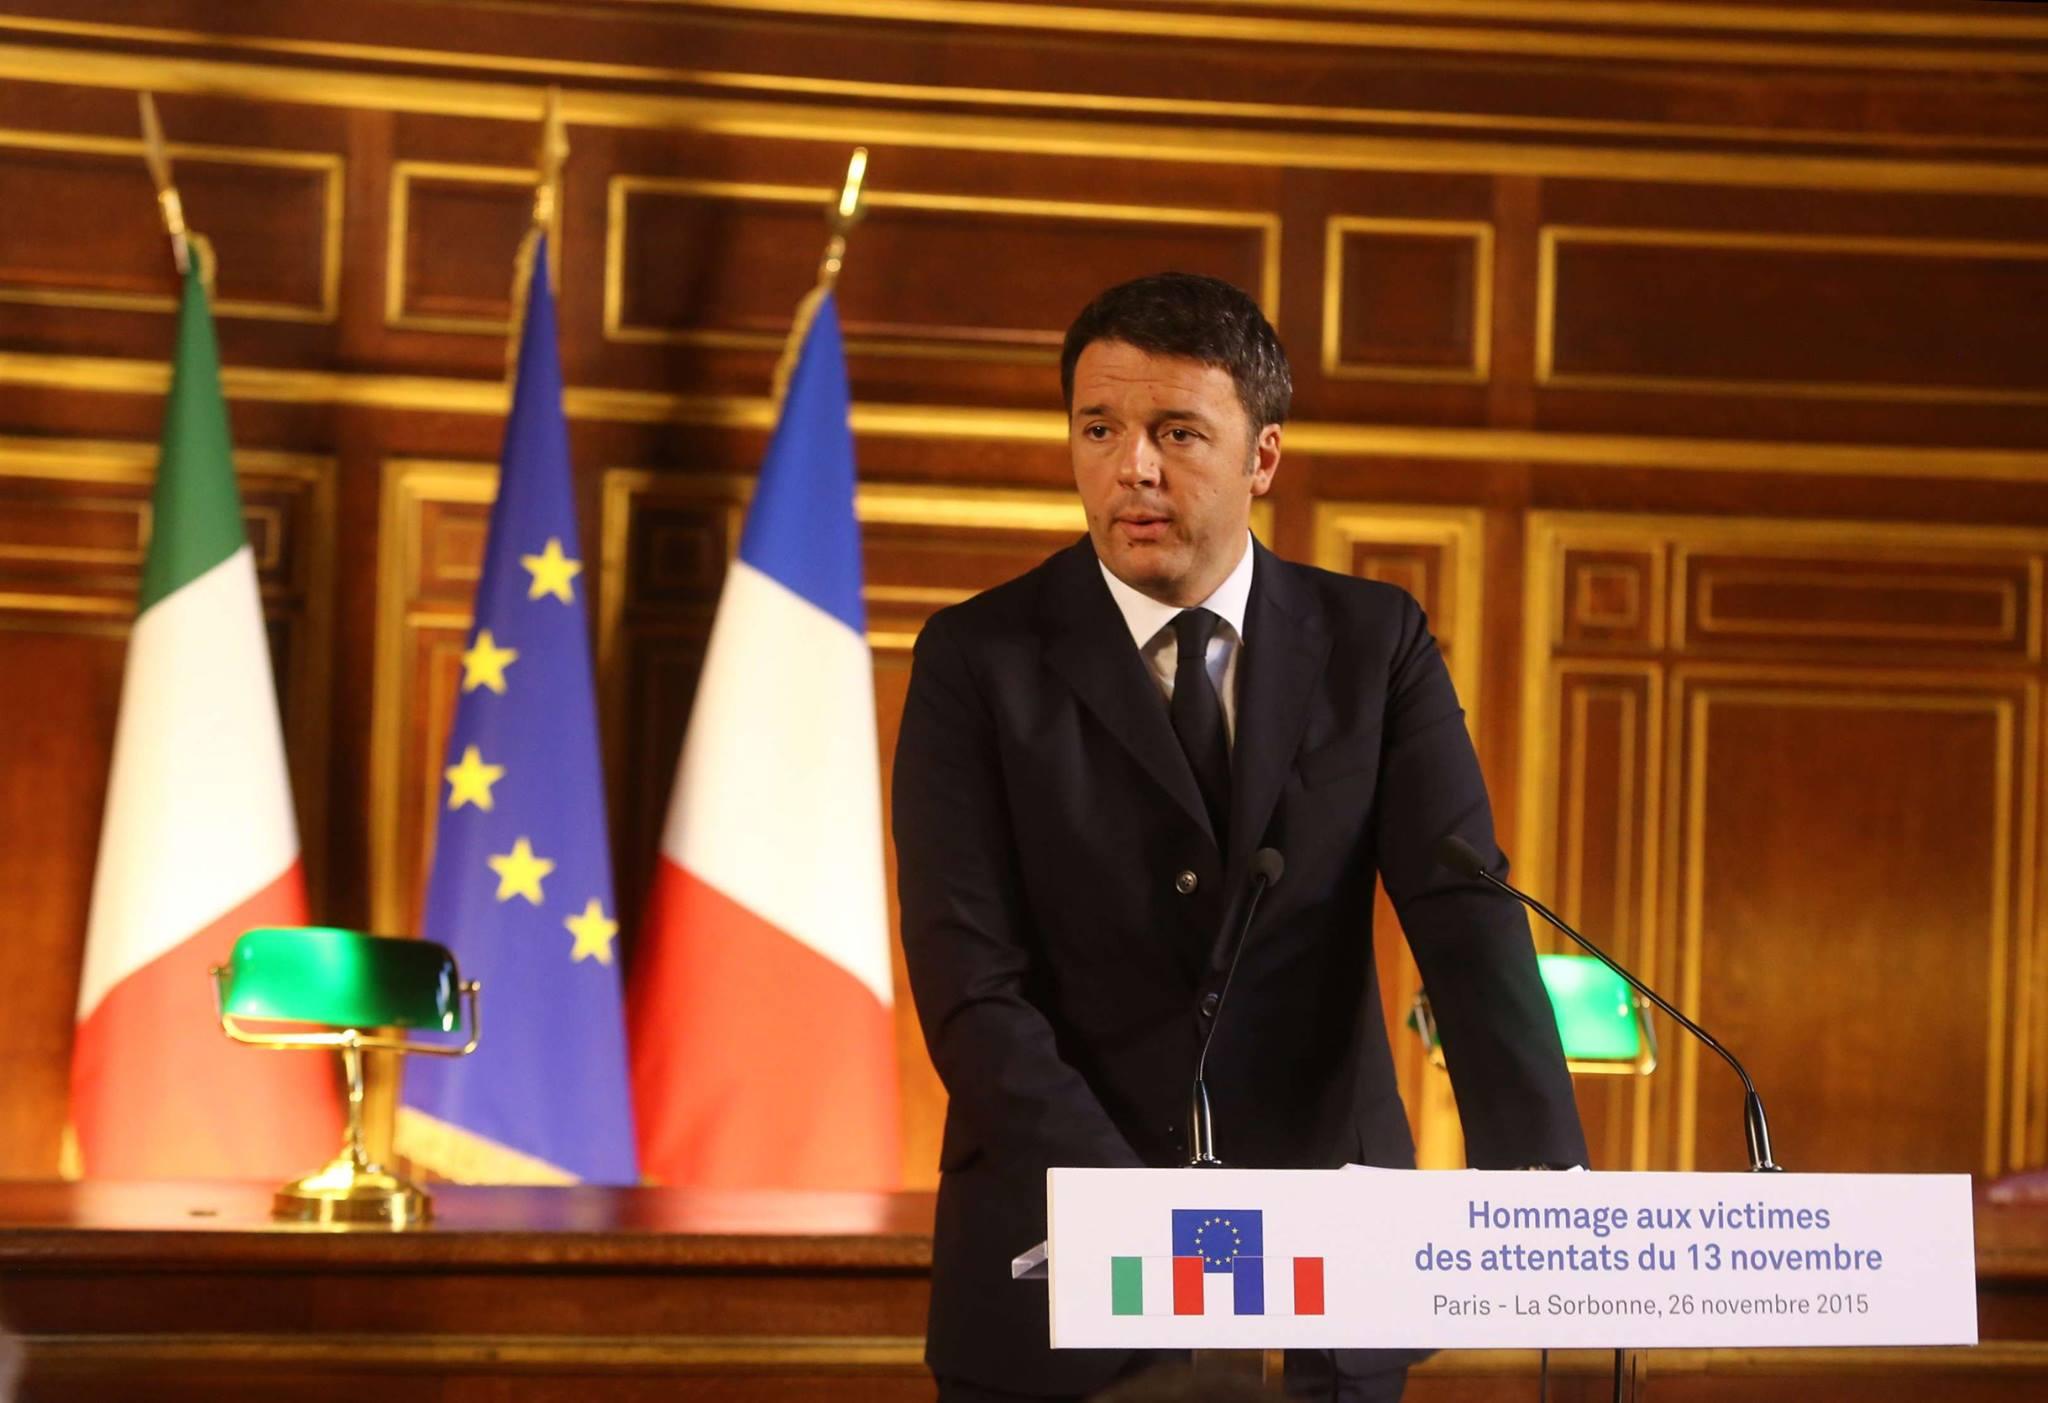 Hommage rendu par Matteo Renzi et Najat Vallaud-Belkacem aux victimes des attentats du 13 novembre